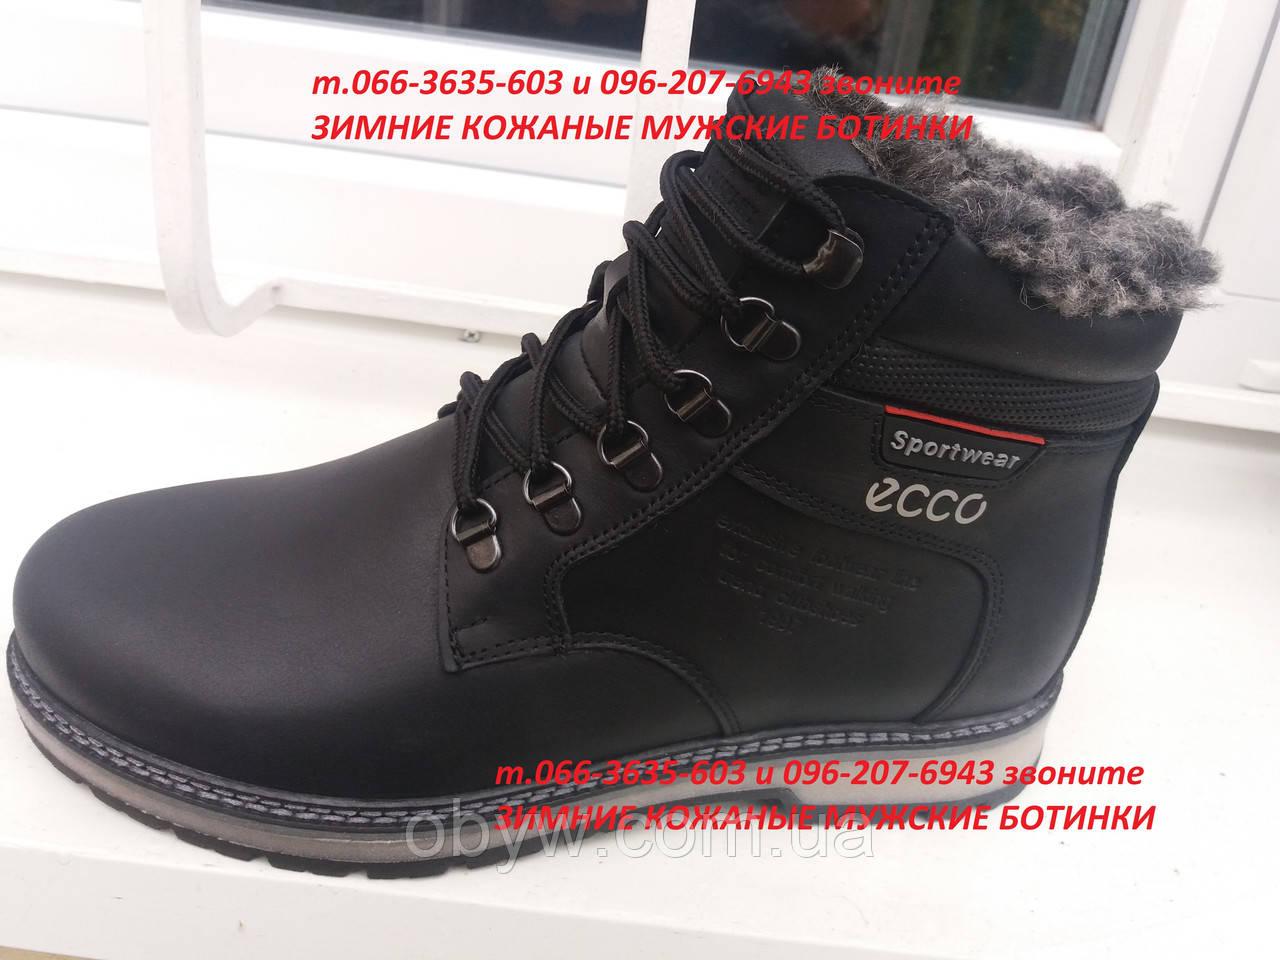 Зимняя кожаная обувь Ecco - ОБУВЬ КУРТКИ В НАЛИЧИИ И ЦЕНЫ АКТУАЛЬНЫ в Днепре ff9ba0f02f2